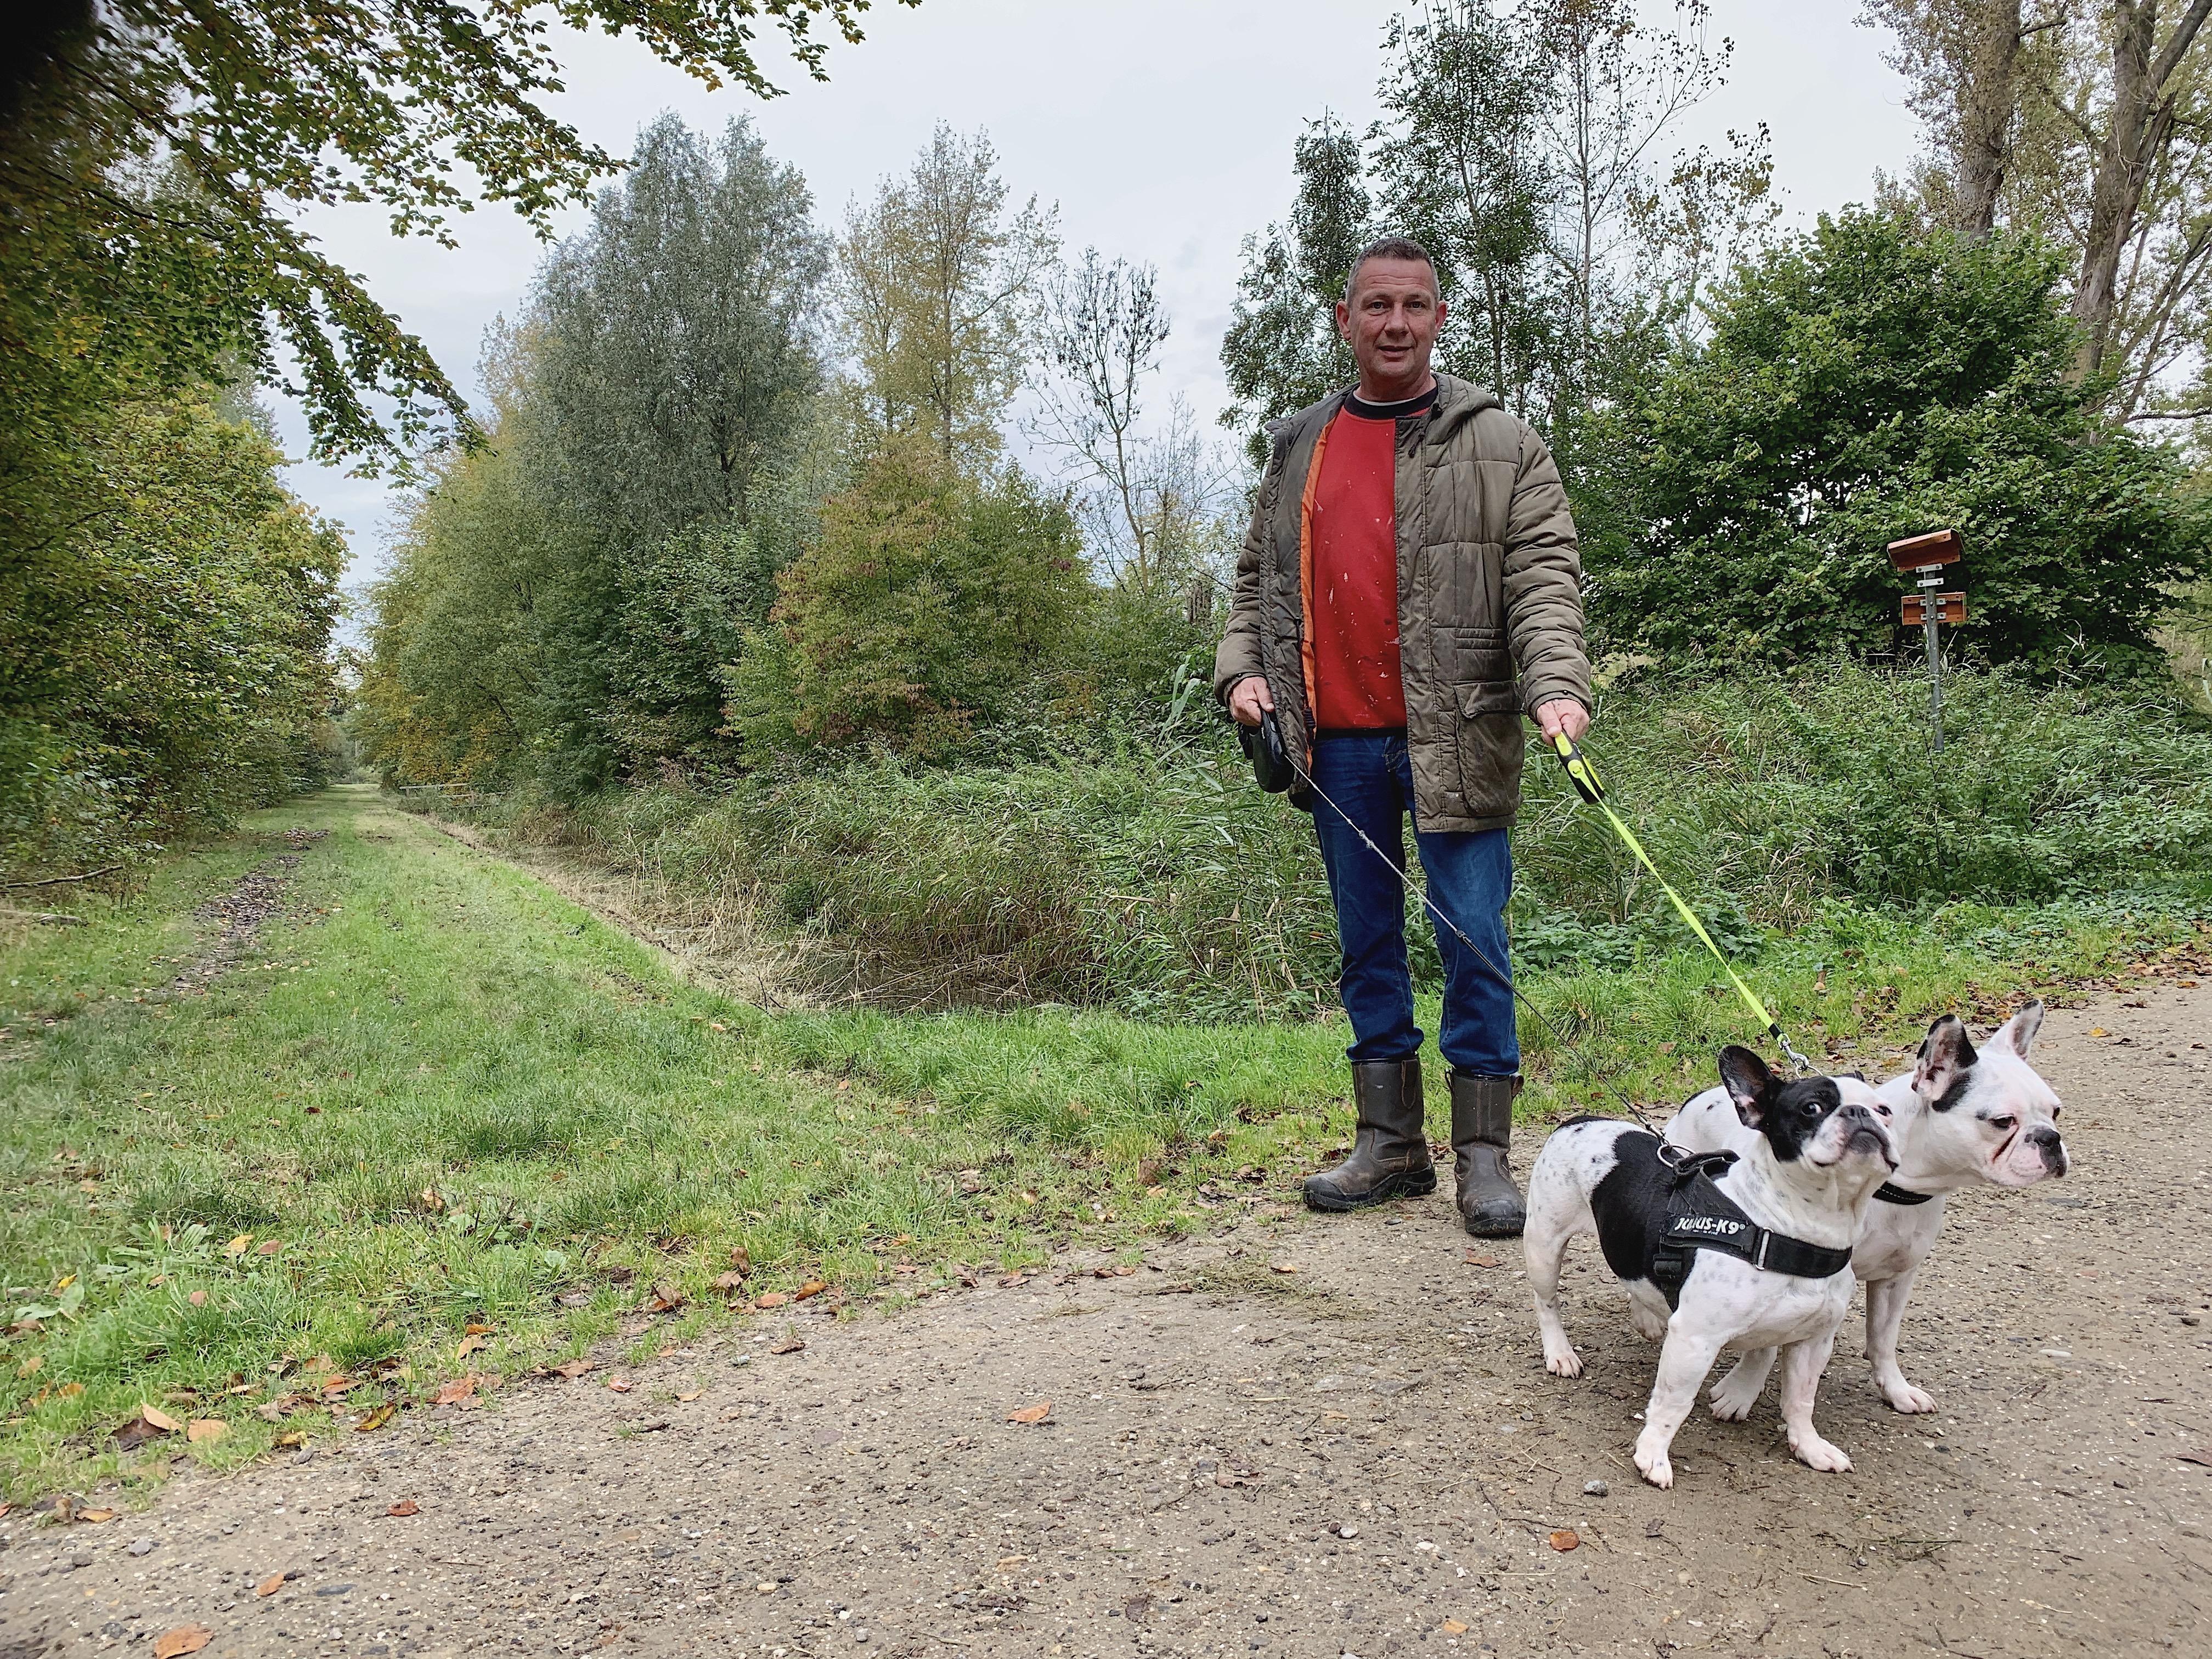 Onderweg: Het criminele verleden van Danny Warink uit Heerhugowaard was voorbij toen hij in 2012 'het licht' zag op de luchtplaats van het politiebureau waar hij in voorarrest zat.